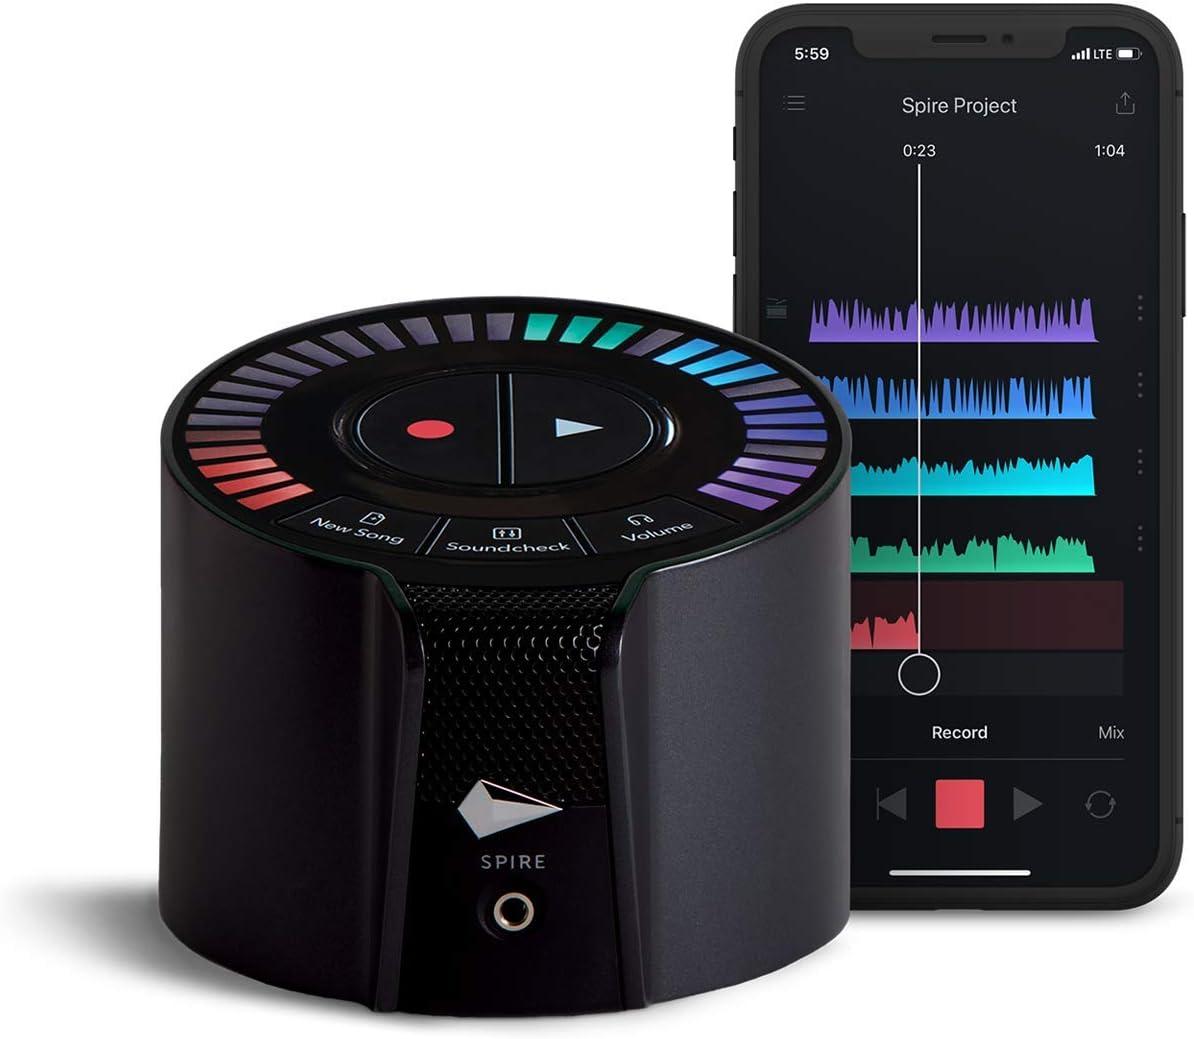 Amazon.com: iZotope Spire Studio Portable Recorder: Musical ...